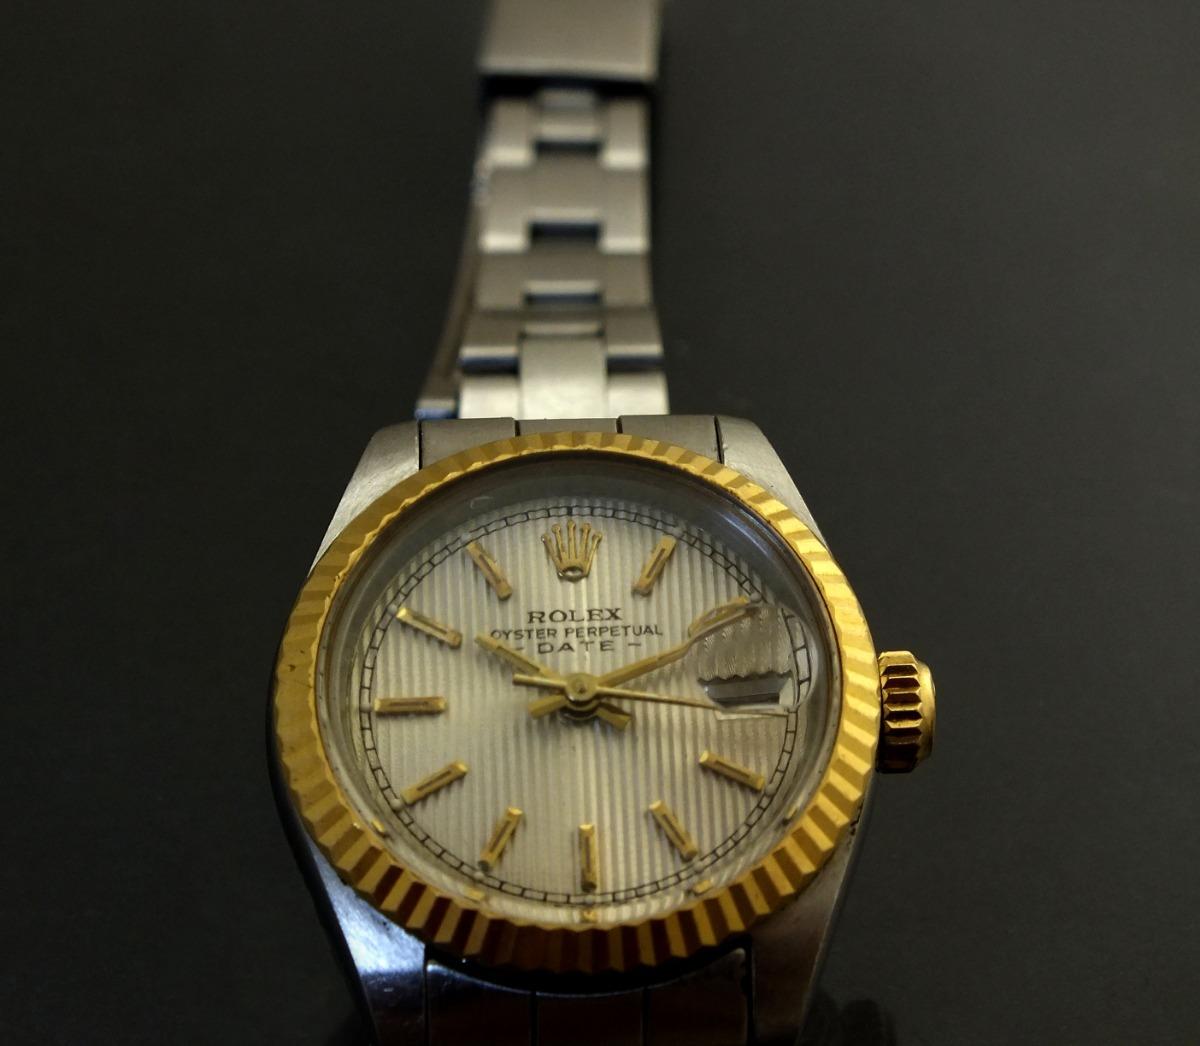 fc2fc4308f5 relógio pulso feminino rolex calendário em aço ouro j19985. Carregando zoom.